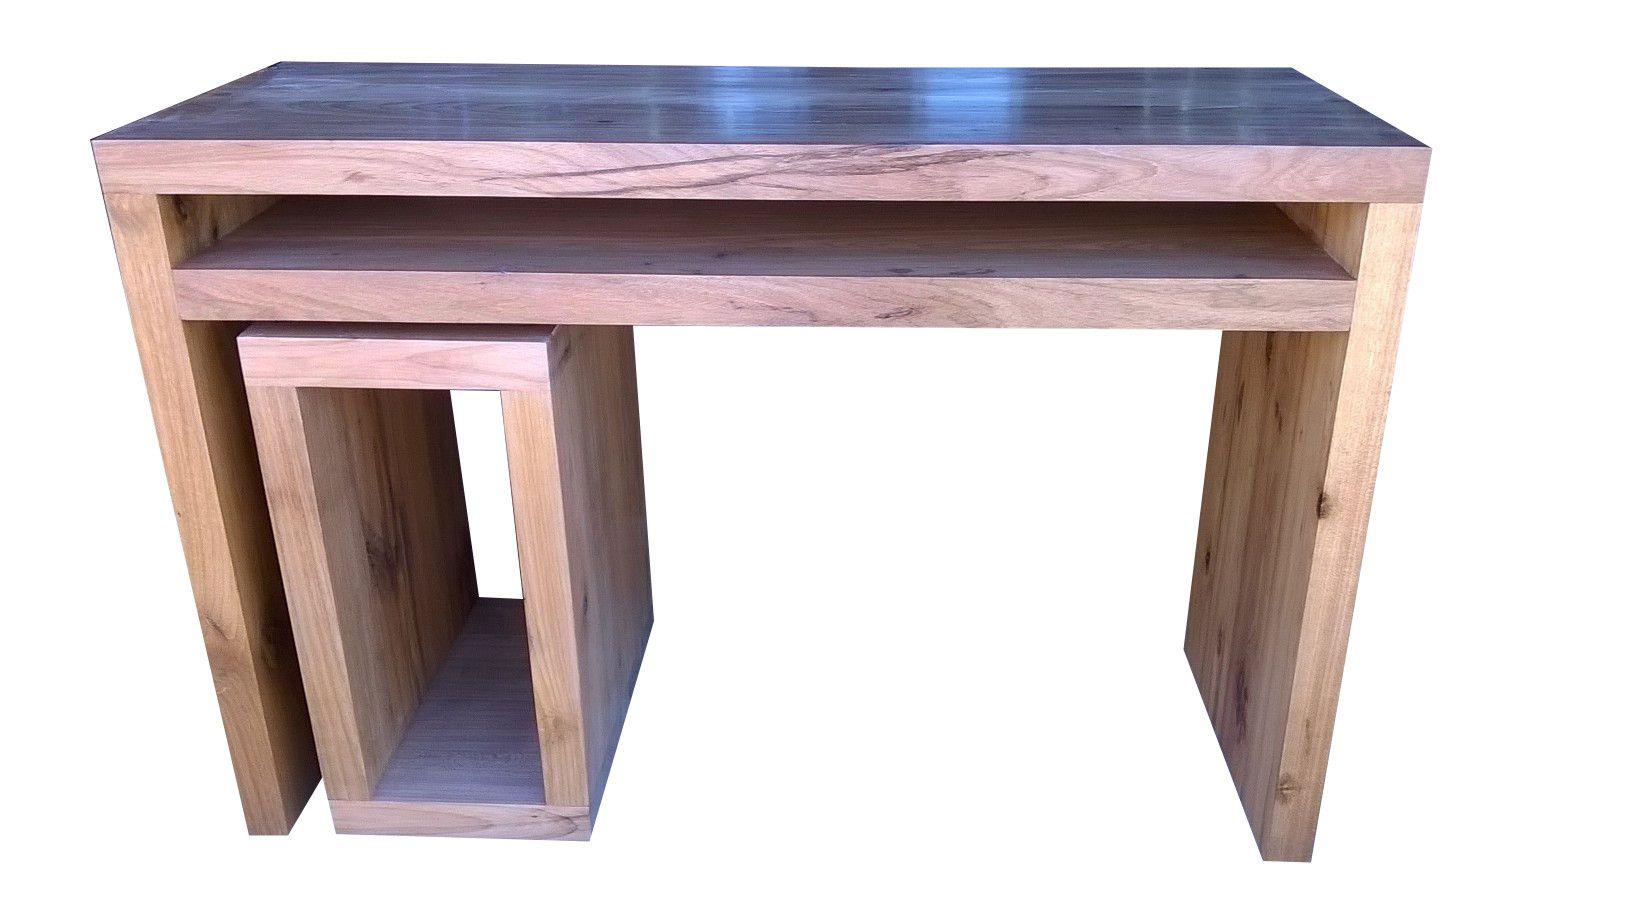 Escrivaninha / Bancada De Demolição Modelo Estação - 1,30 X 60 X 75 - Em Madeira Selecionada